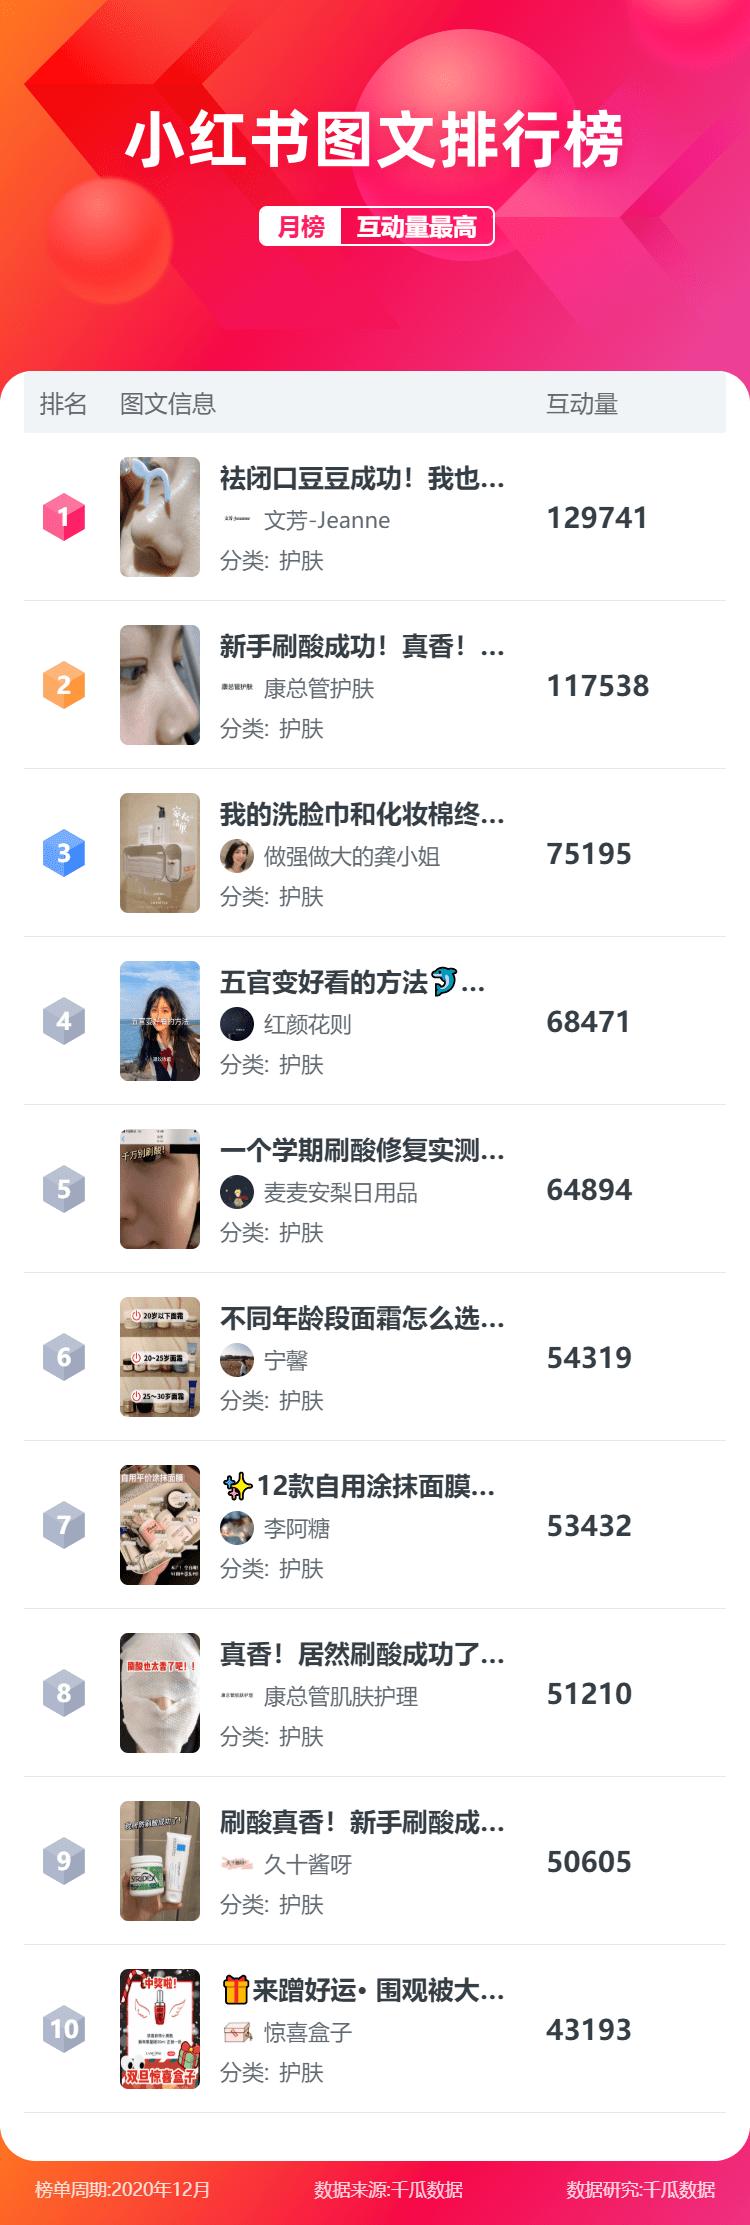 """2月小红书彩妆、护肤类KOL影响力视频图文排行榜"""""""